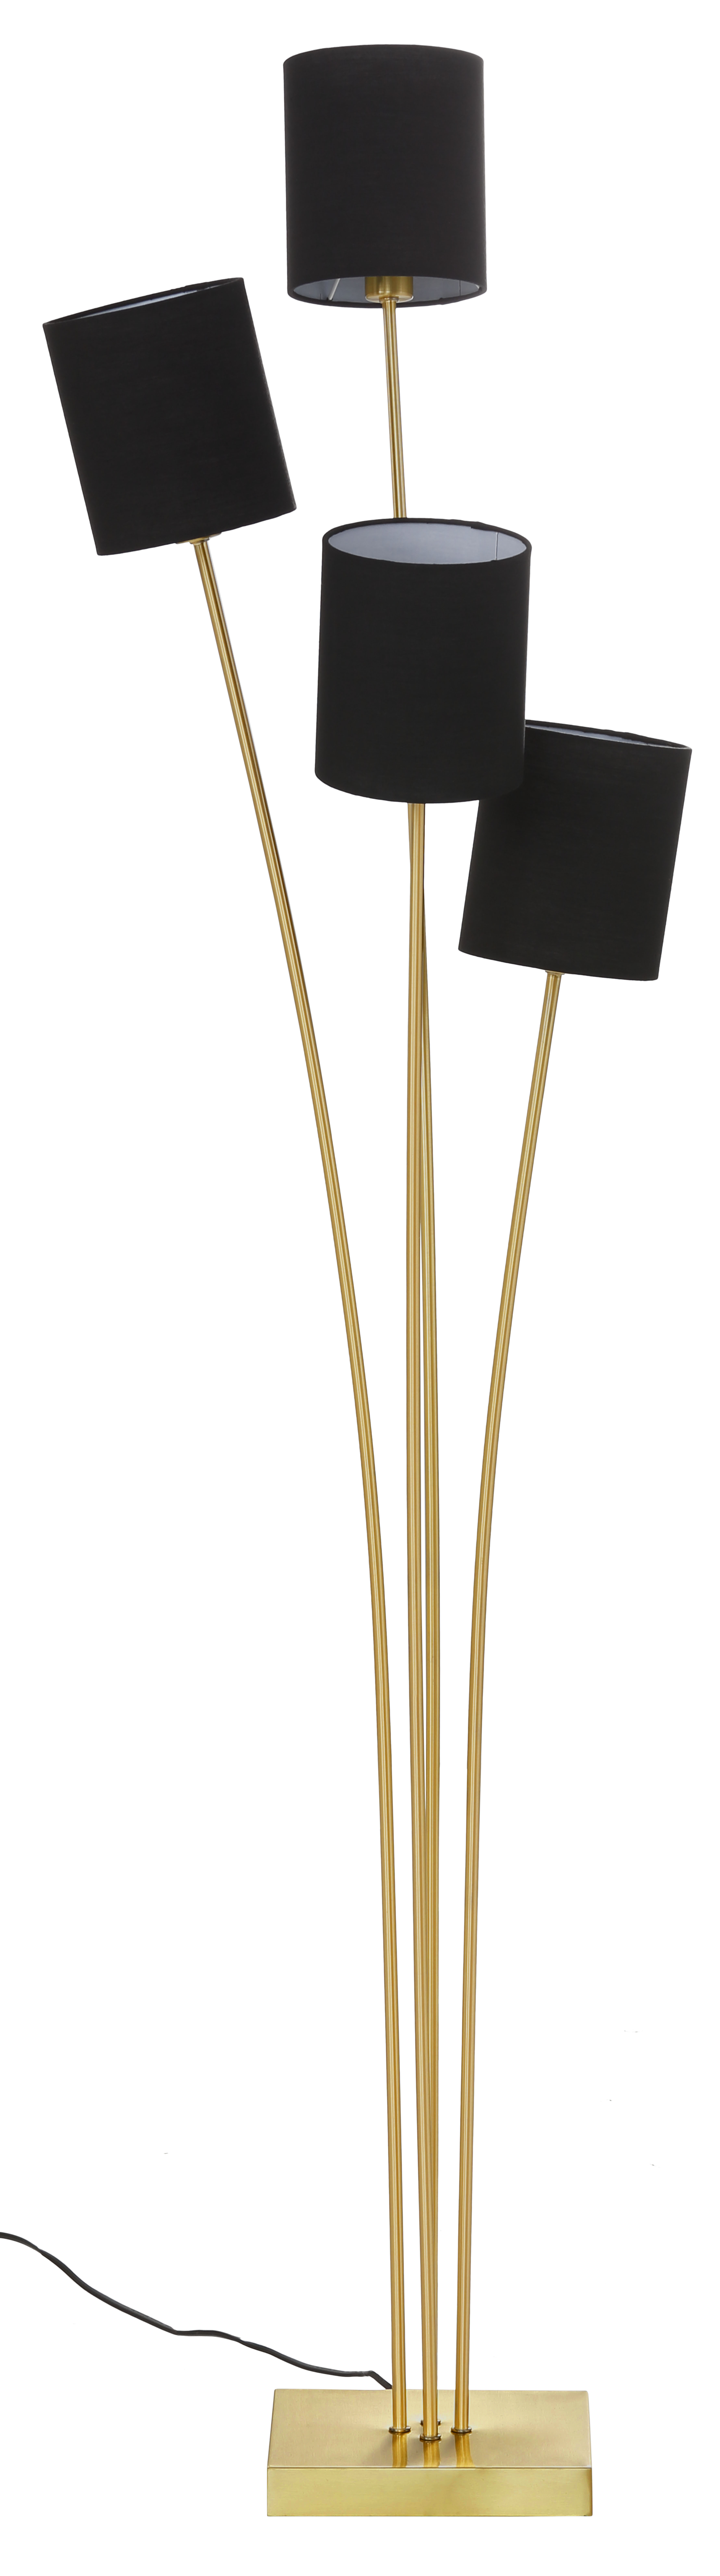 Home affaire Stehlampe »Rivera«, E14, Gestell der Stehleuchte in gold- oder nickelfarben mit Stoffschirmen in drei Farbvarianten